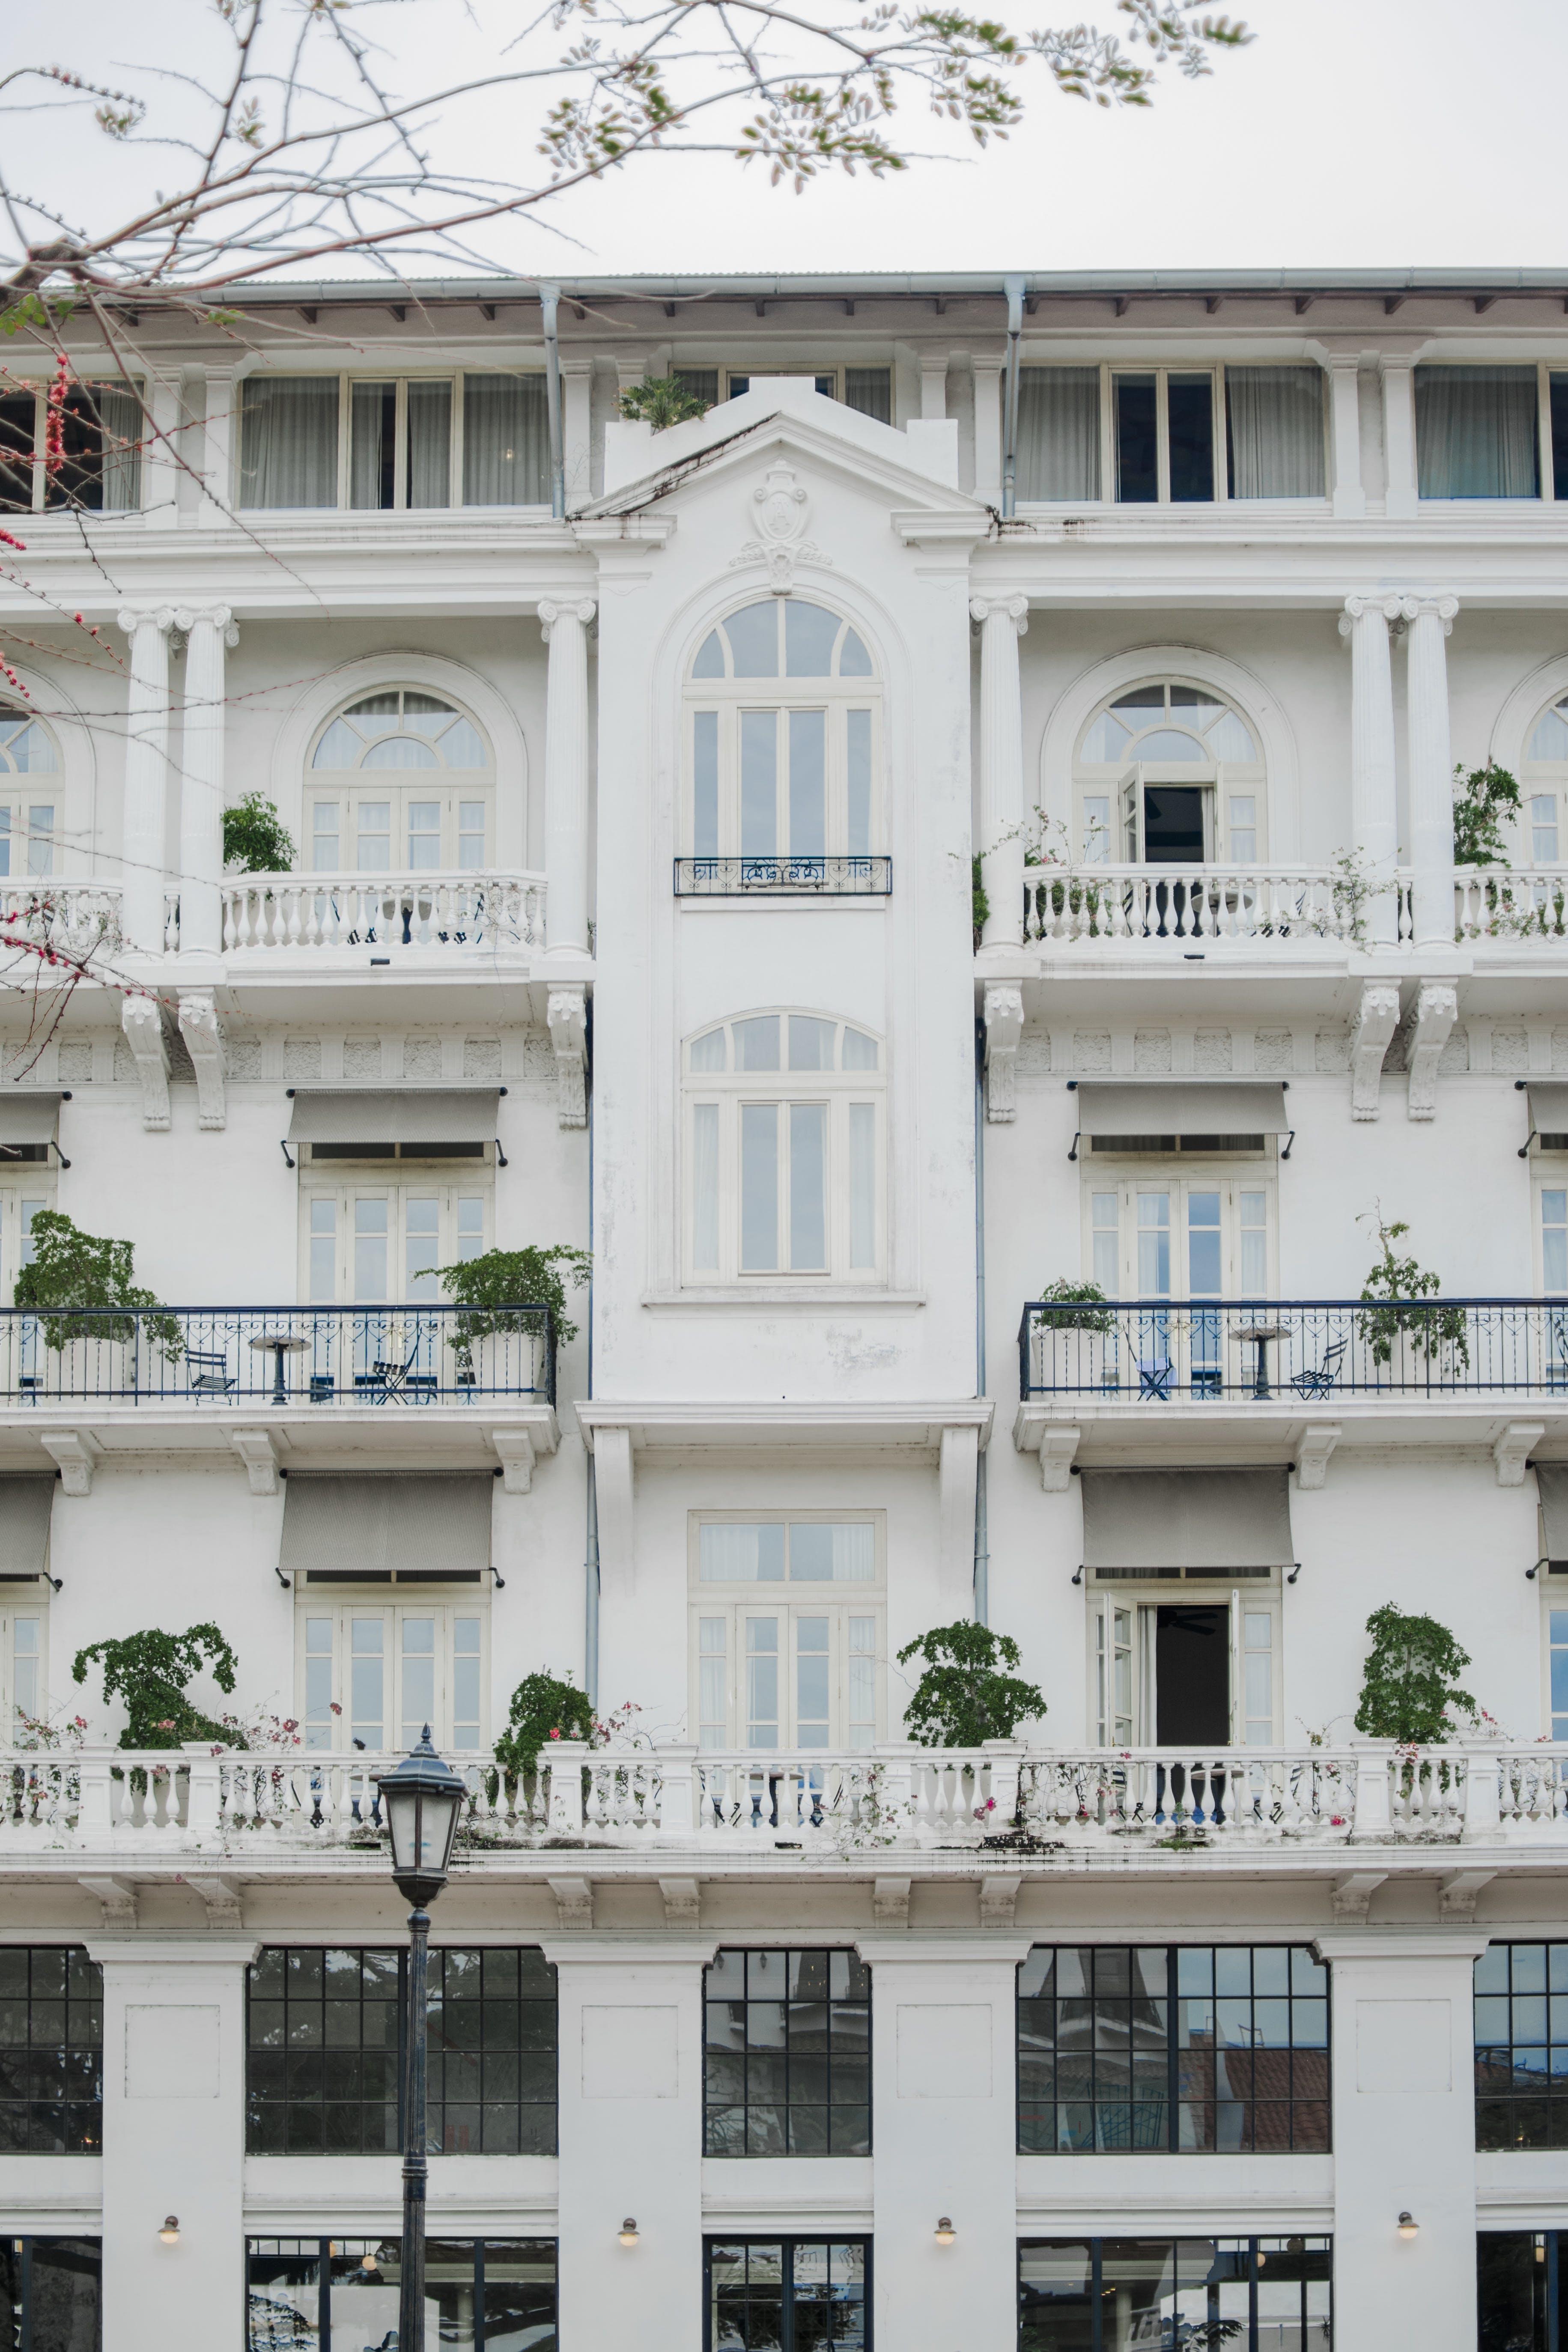 Kostenloses Stock Foto zu architektur, architekturdesign, außen, fassade